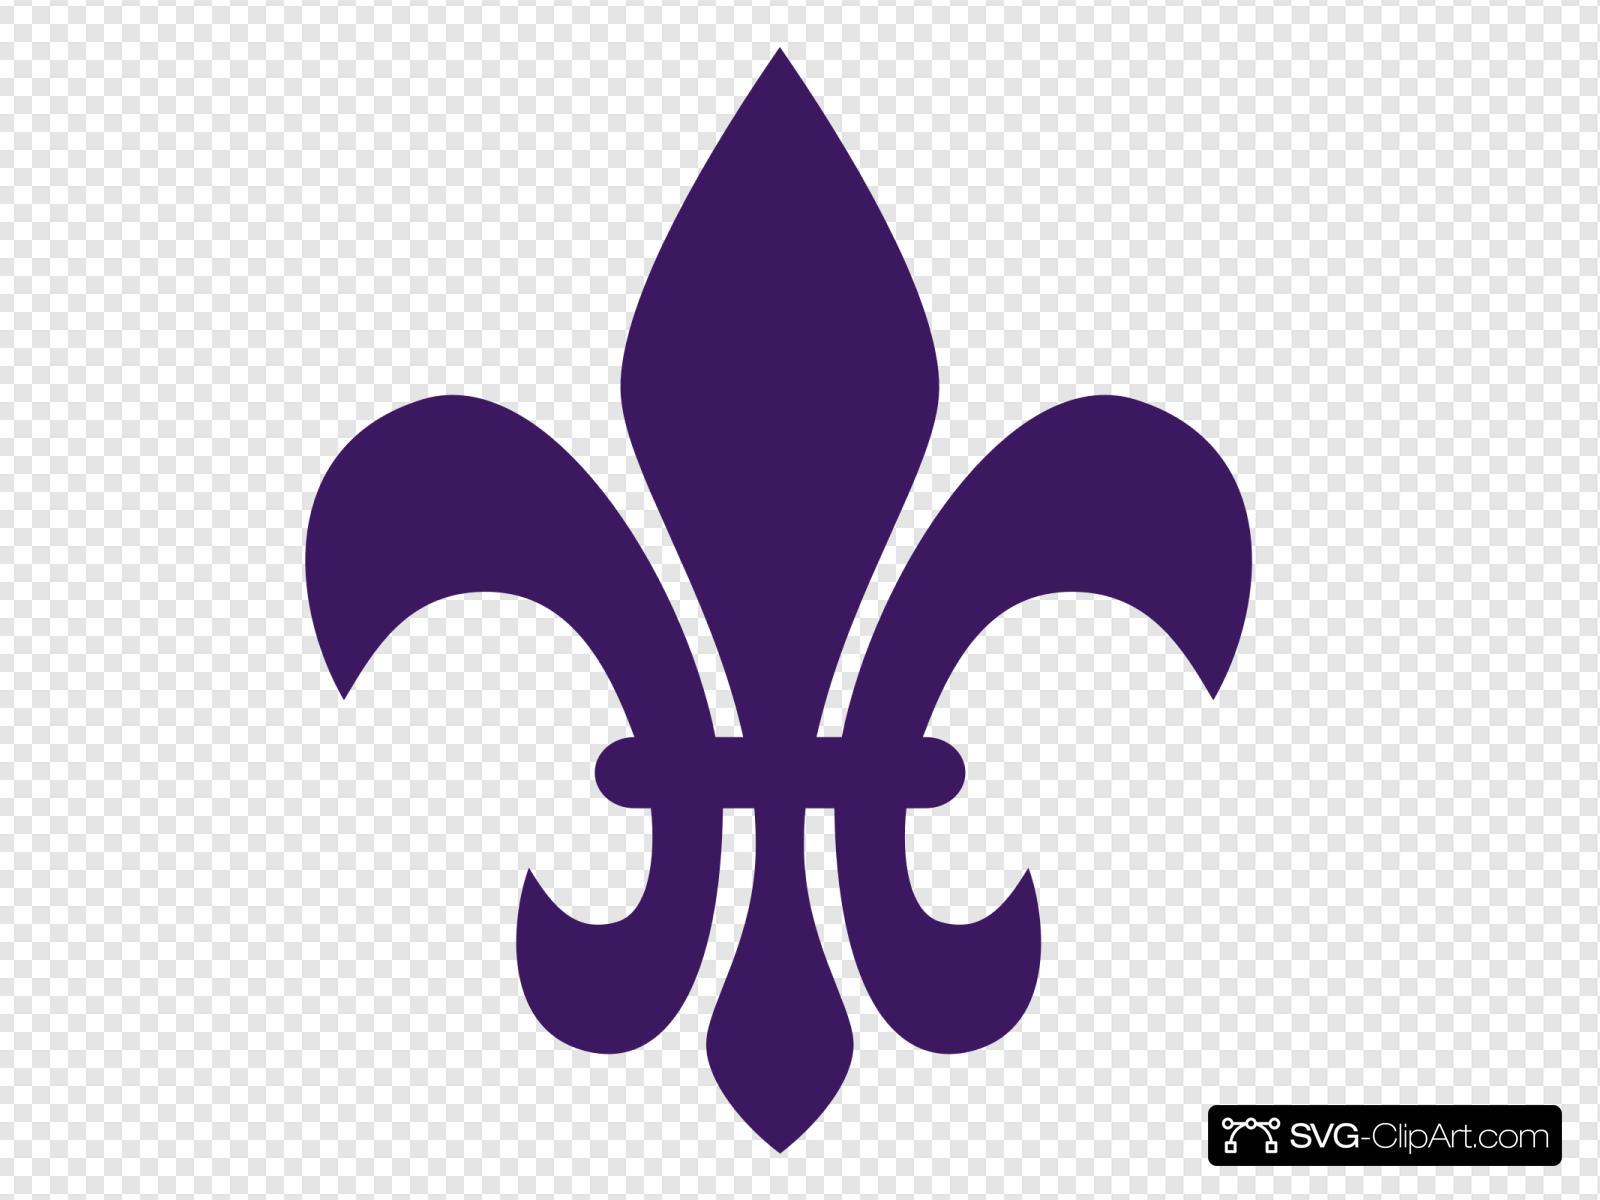 Purple fleur de lis clipart picture free stock Purple Fleur De Lis Clip art, Icon and SVG - SVG Clipart picture free stock